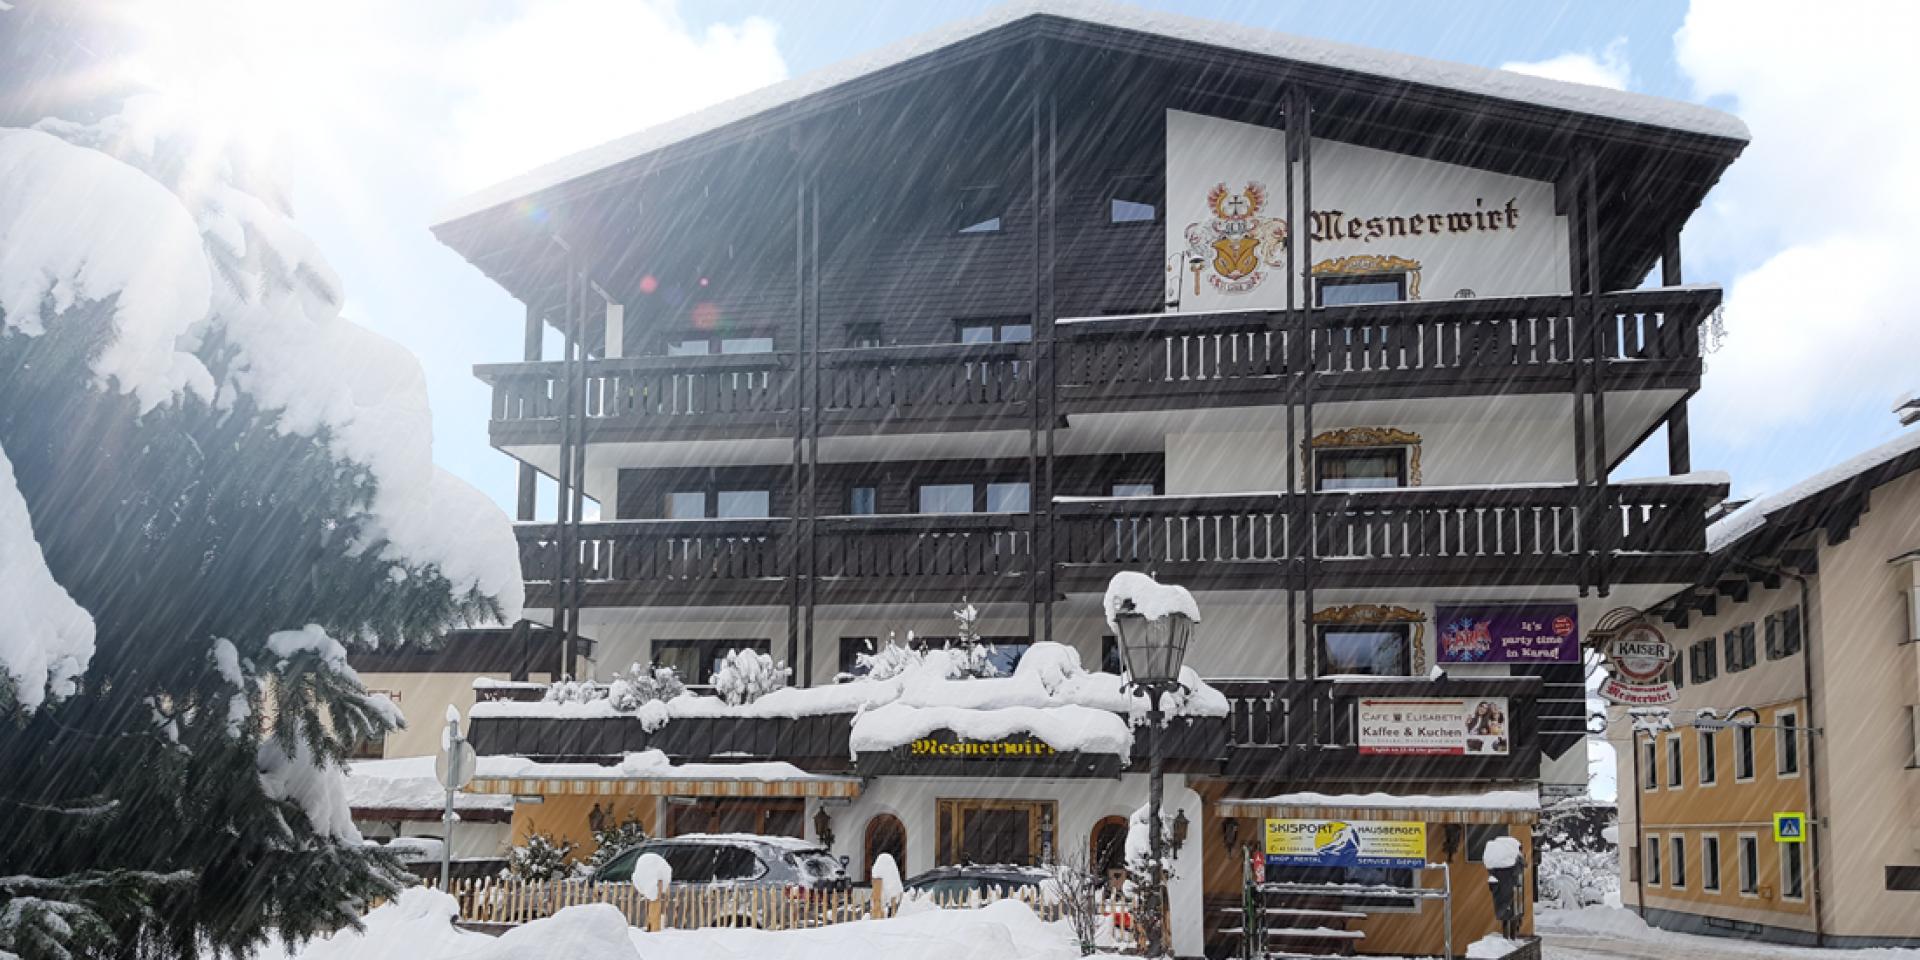 Hotel Restaurant Mesnerwirt